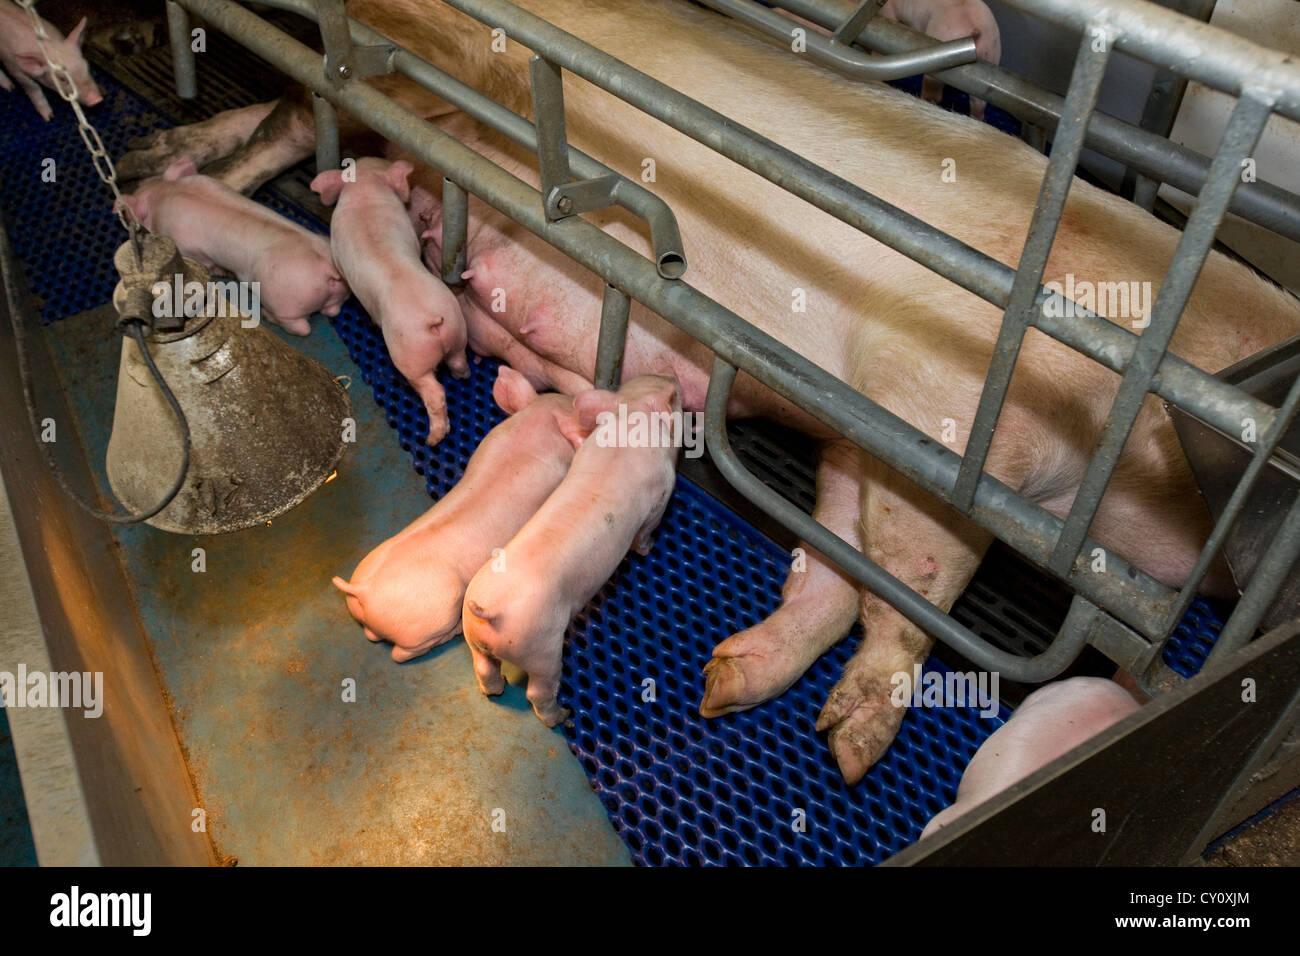 Les porcs domestiques suckling pig porcelets en hangar à piggery Photo Stock